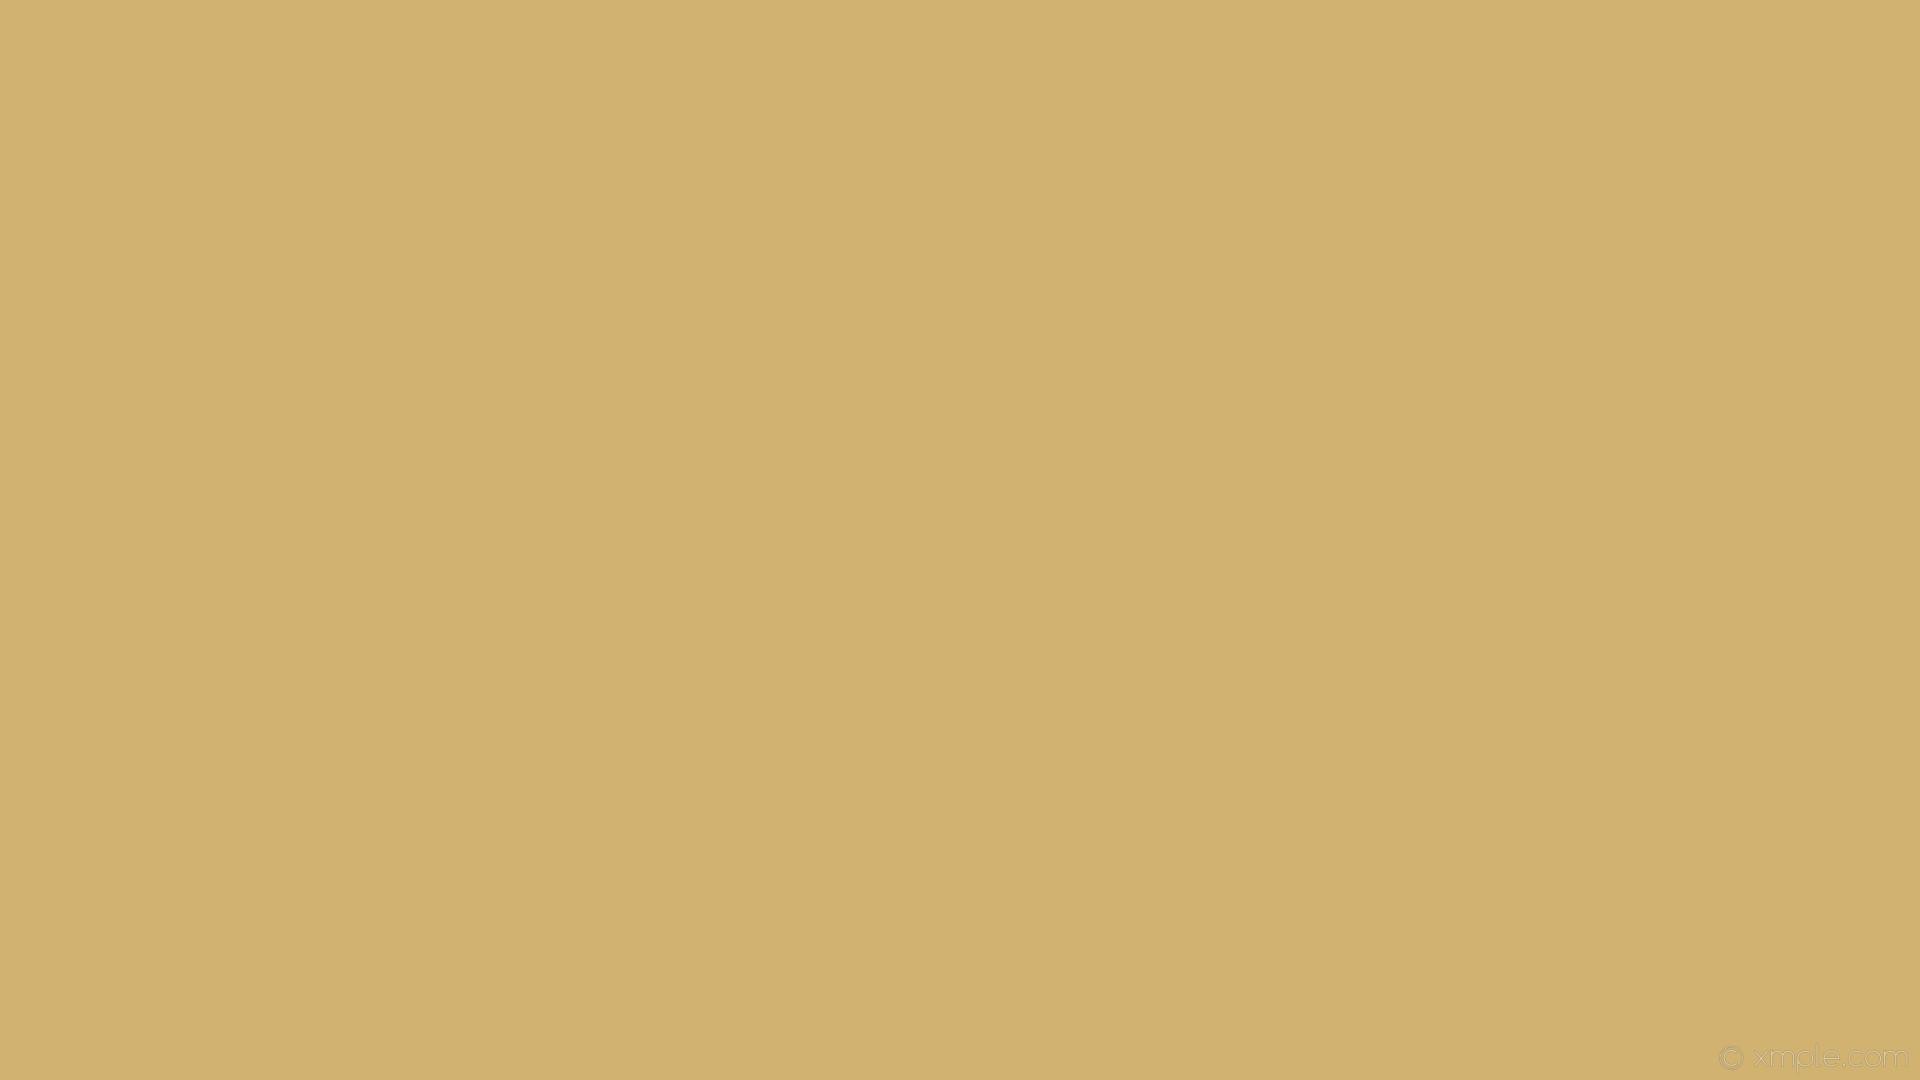 wallpaper single plain one colour solid color orange #d1b270